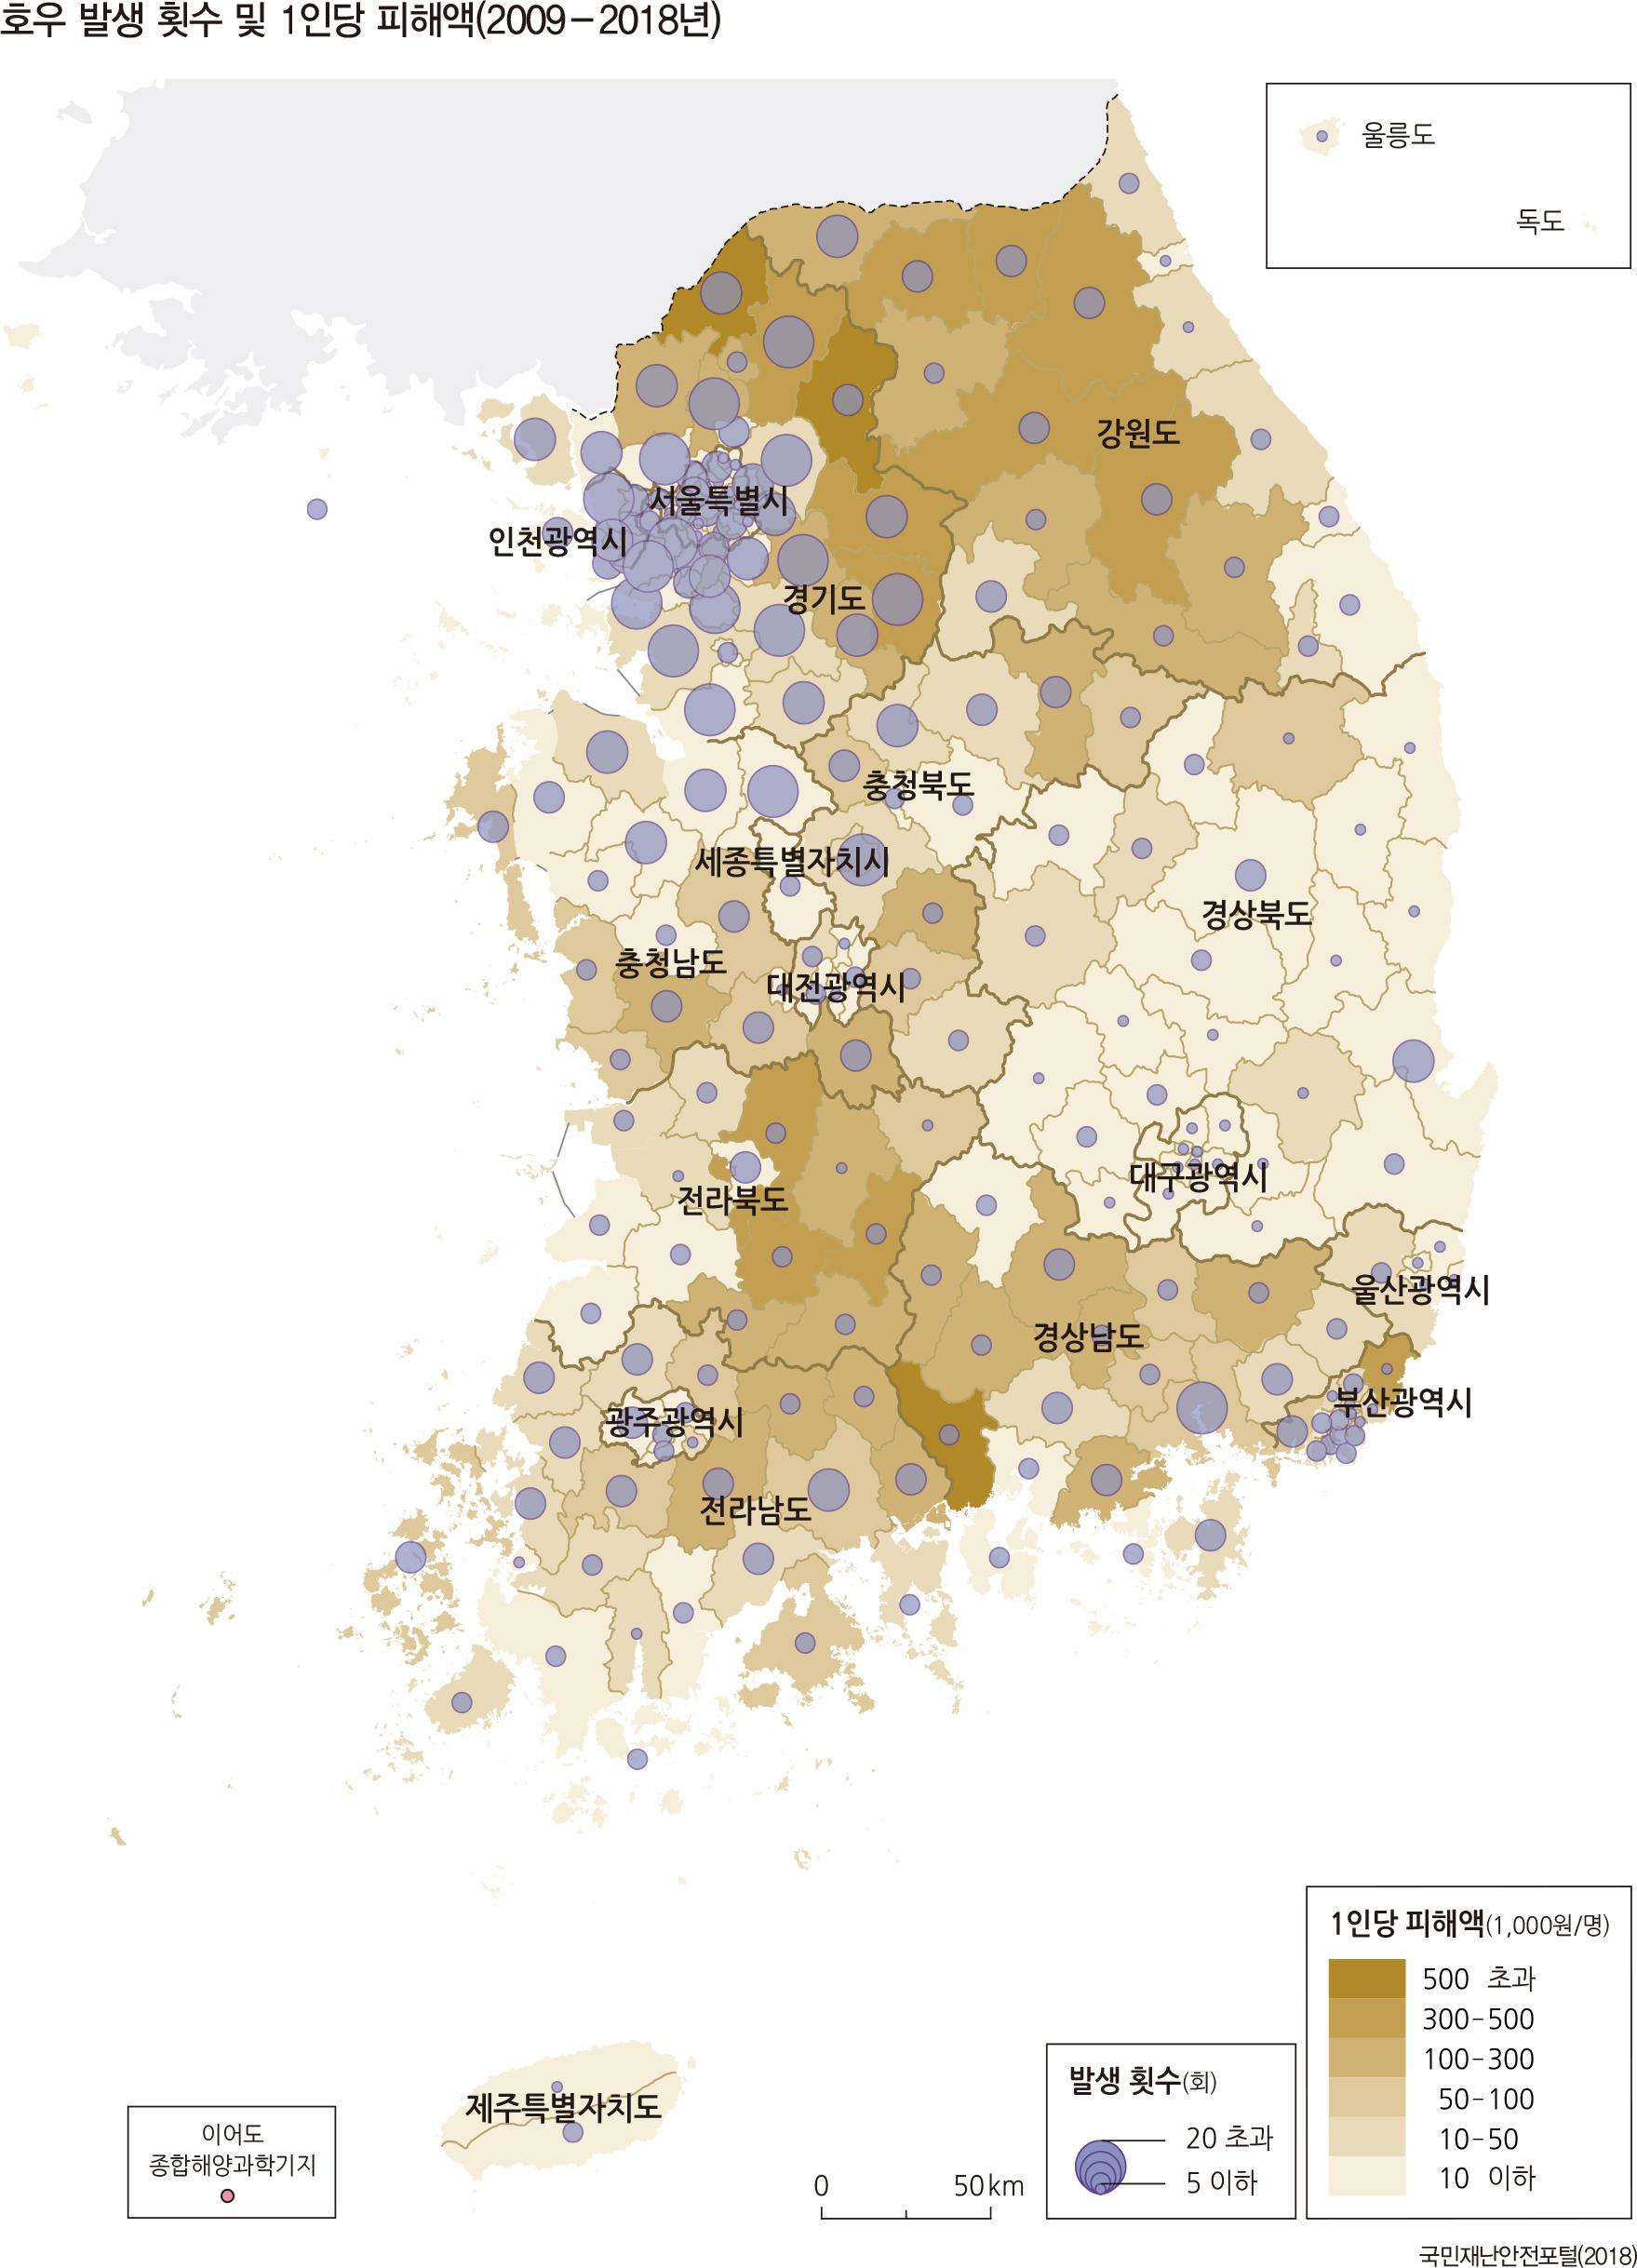 호우 발생 횟수 및 1인당 피해액(2009 - 2018년)